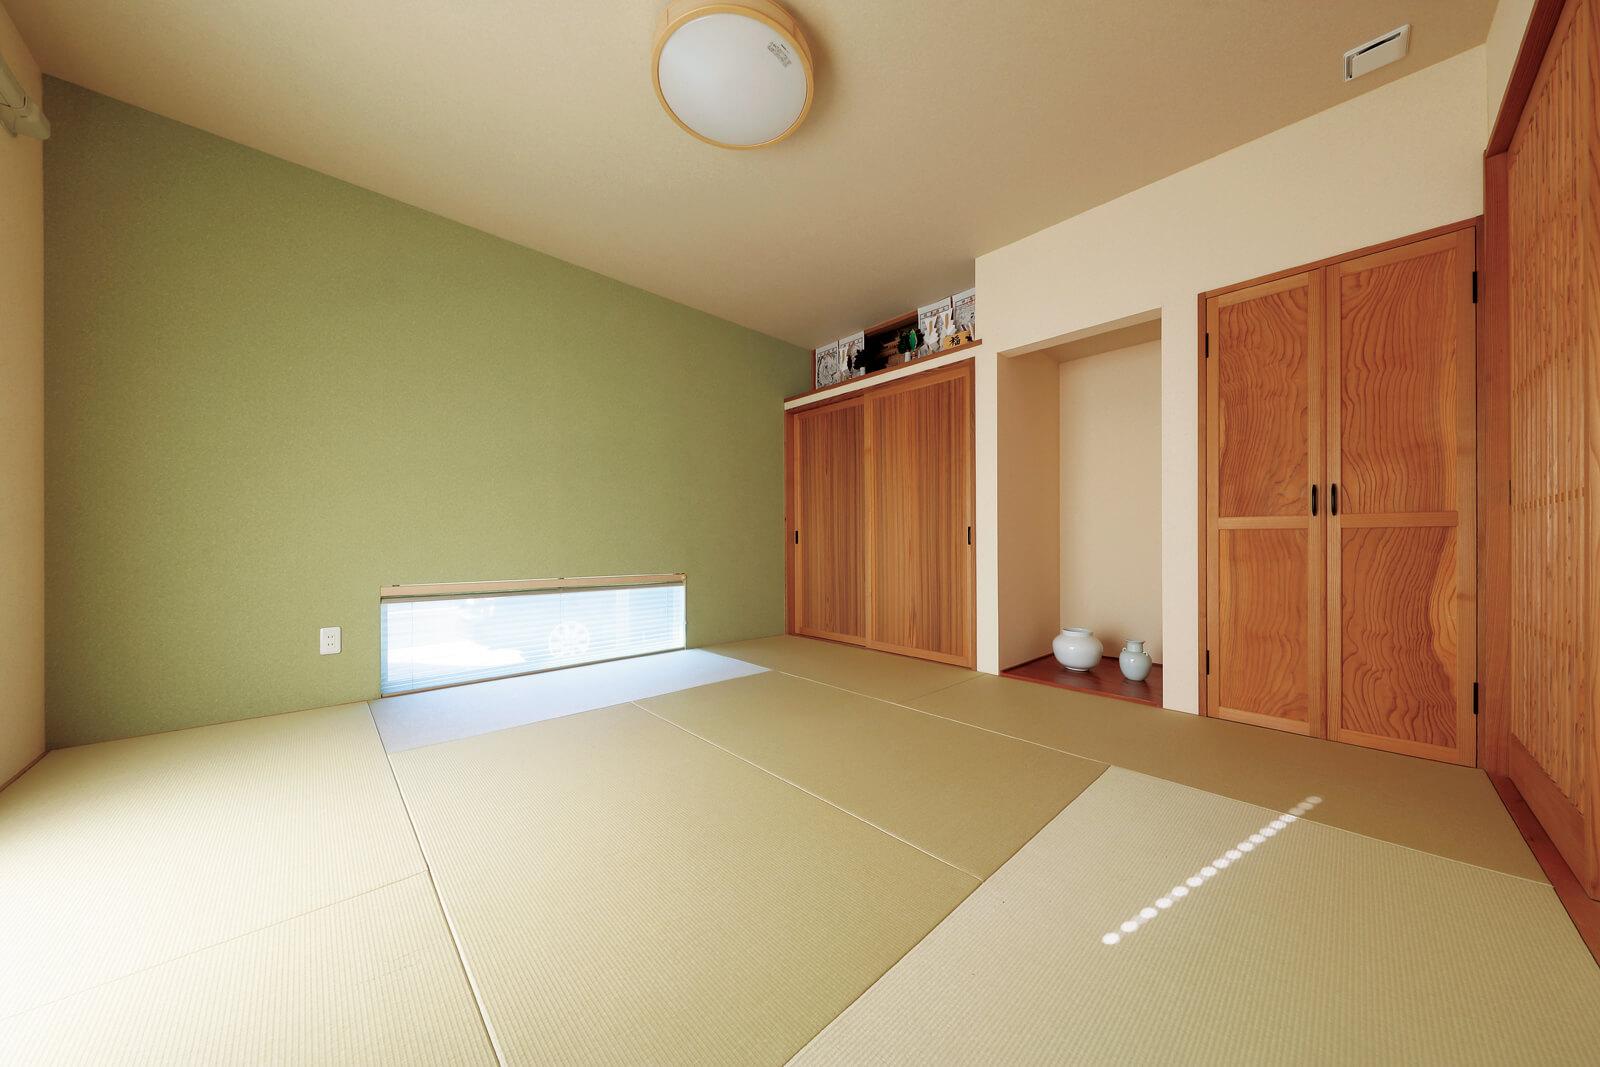 畳と壁の色調に地窓からの明かりが落ち着いた雰囲気を醸し出す。木製の建具はすべて樹齢100年を超えるスギの無垢板を使用